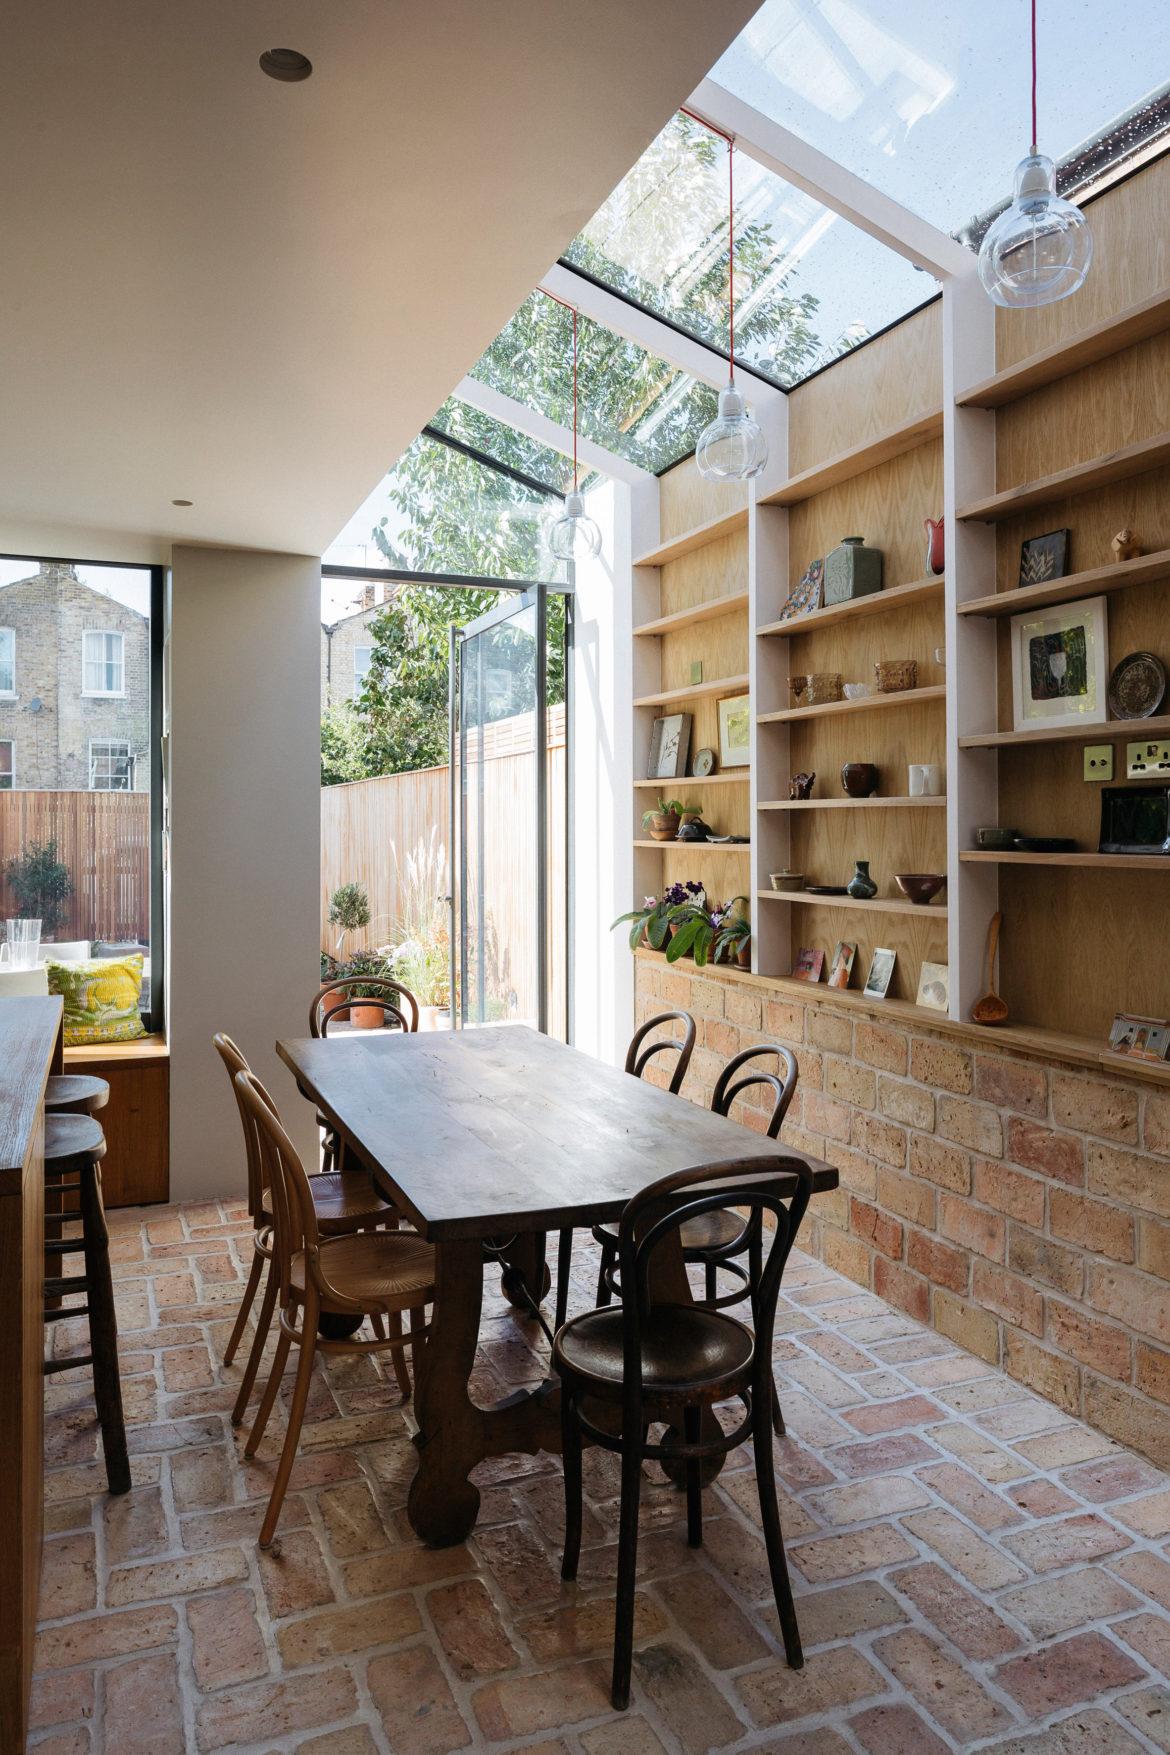 verri res de toit faites entrer la lumi re. Black Bedroom Furniture Sets. Home Design Ideas